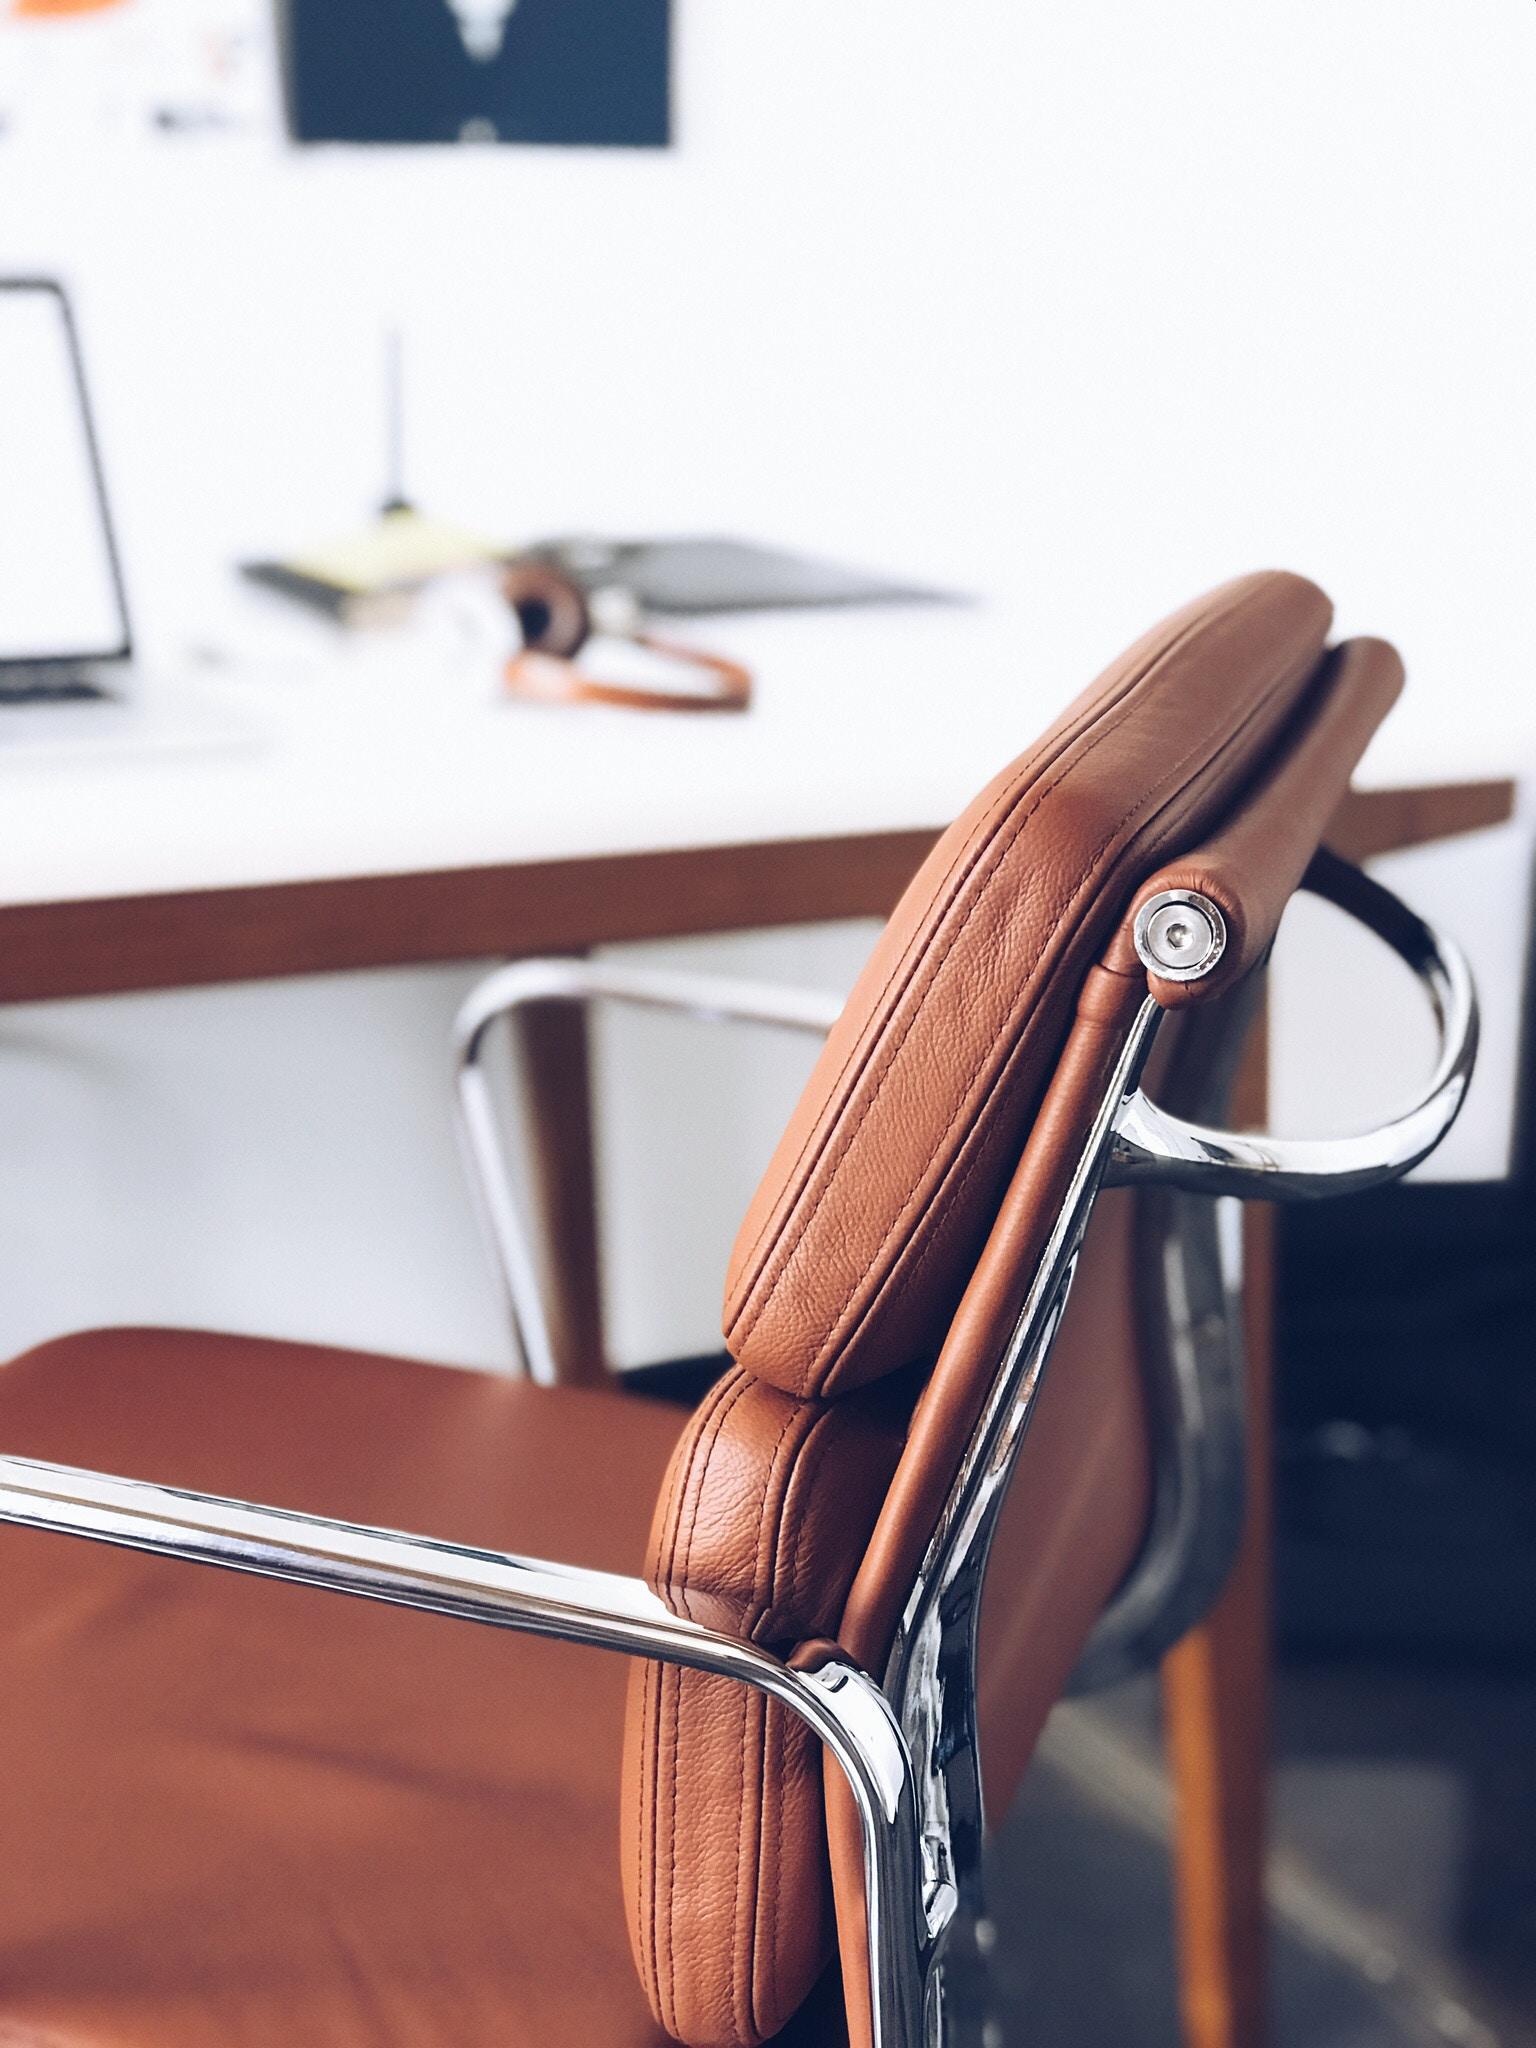 arbetsintervju till chefsjobb intervjufrågor.jpg